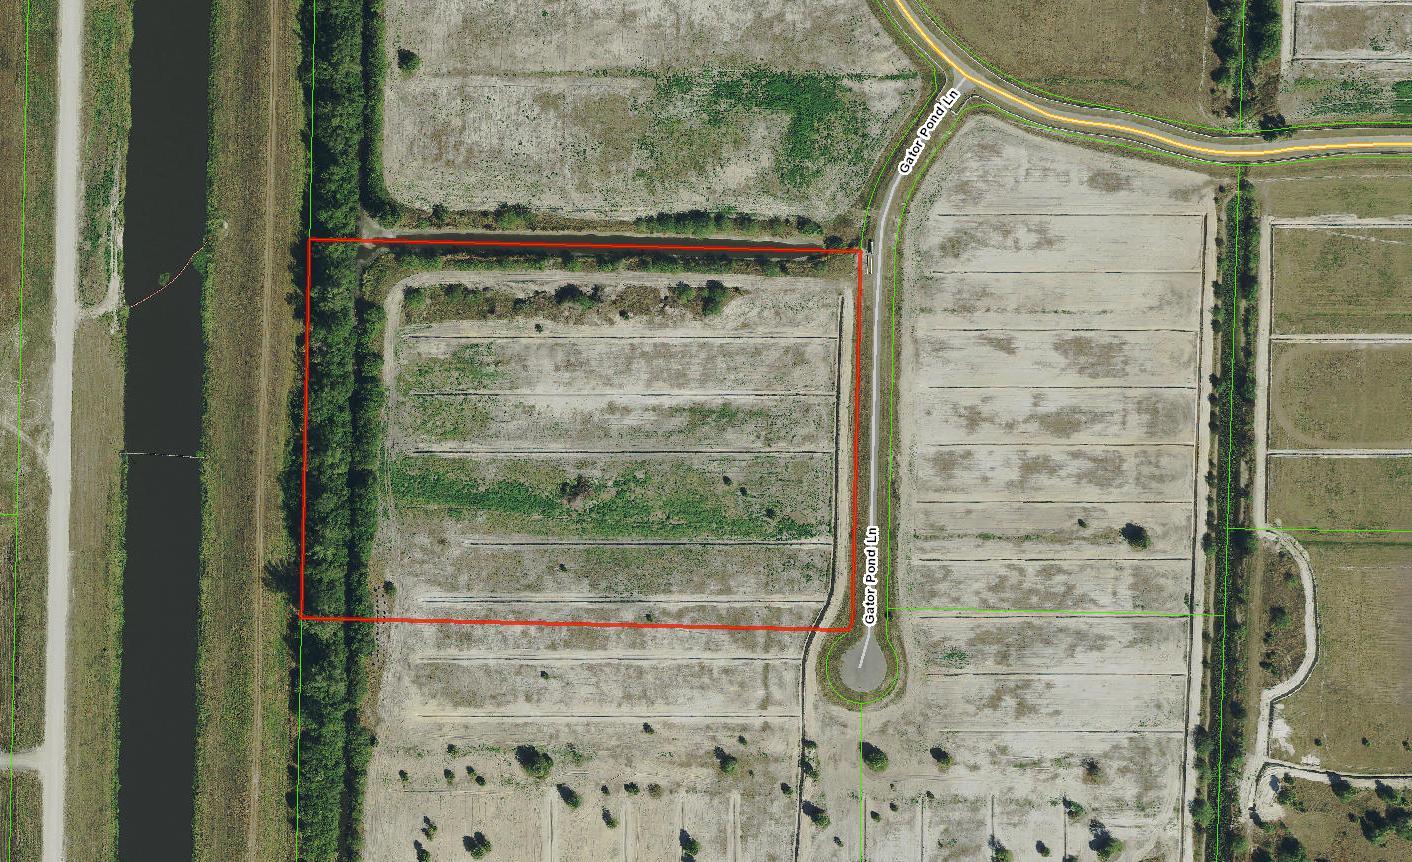 3079 Gator Pond Lane, Loxahatchee, Florida 33470, ,Land,For Sale,White Fences Equestr,Gator Pond,RX-10493560